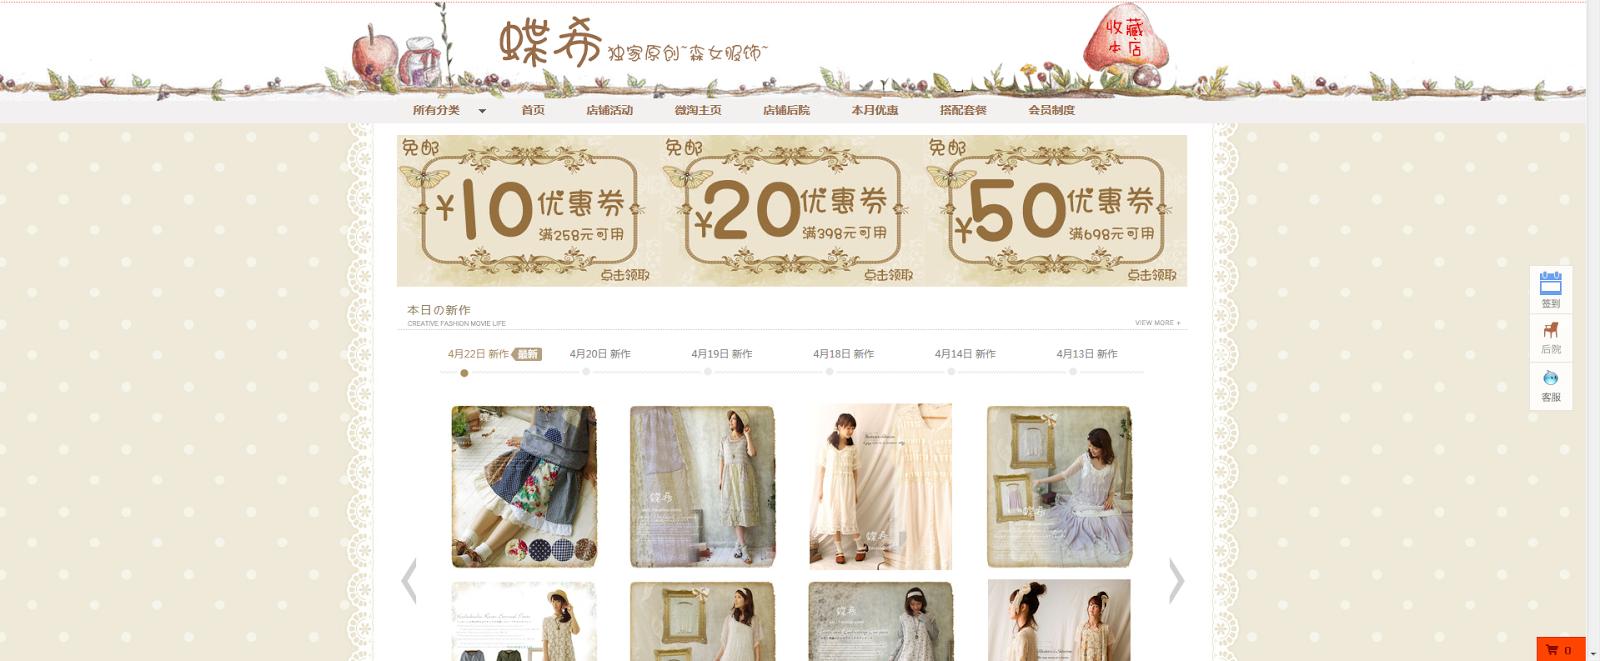 http://slxi.taobao.com